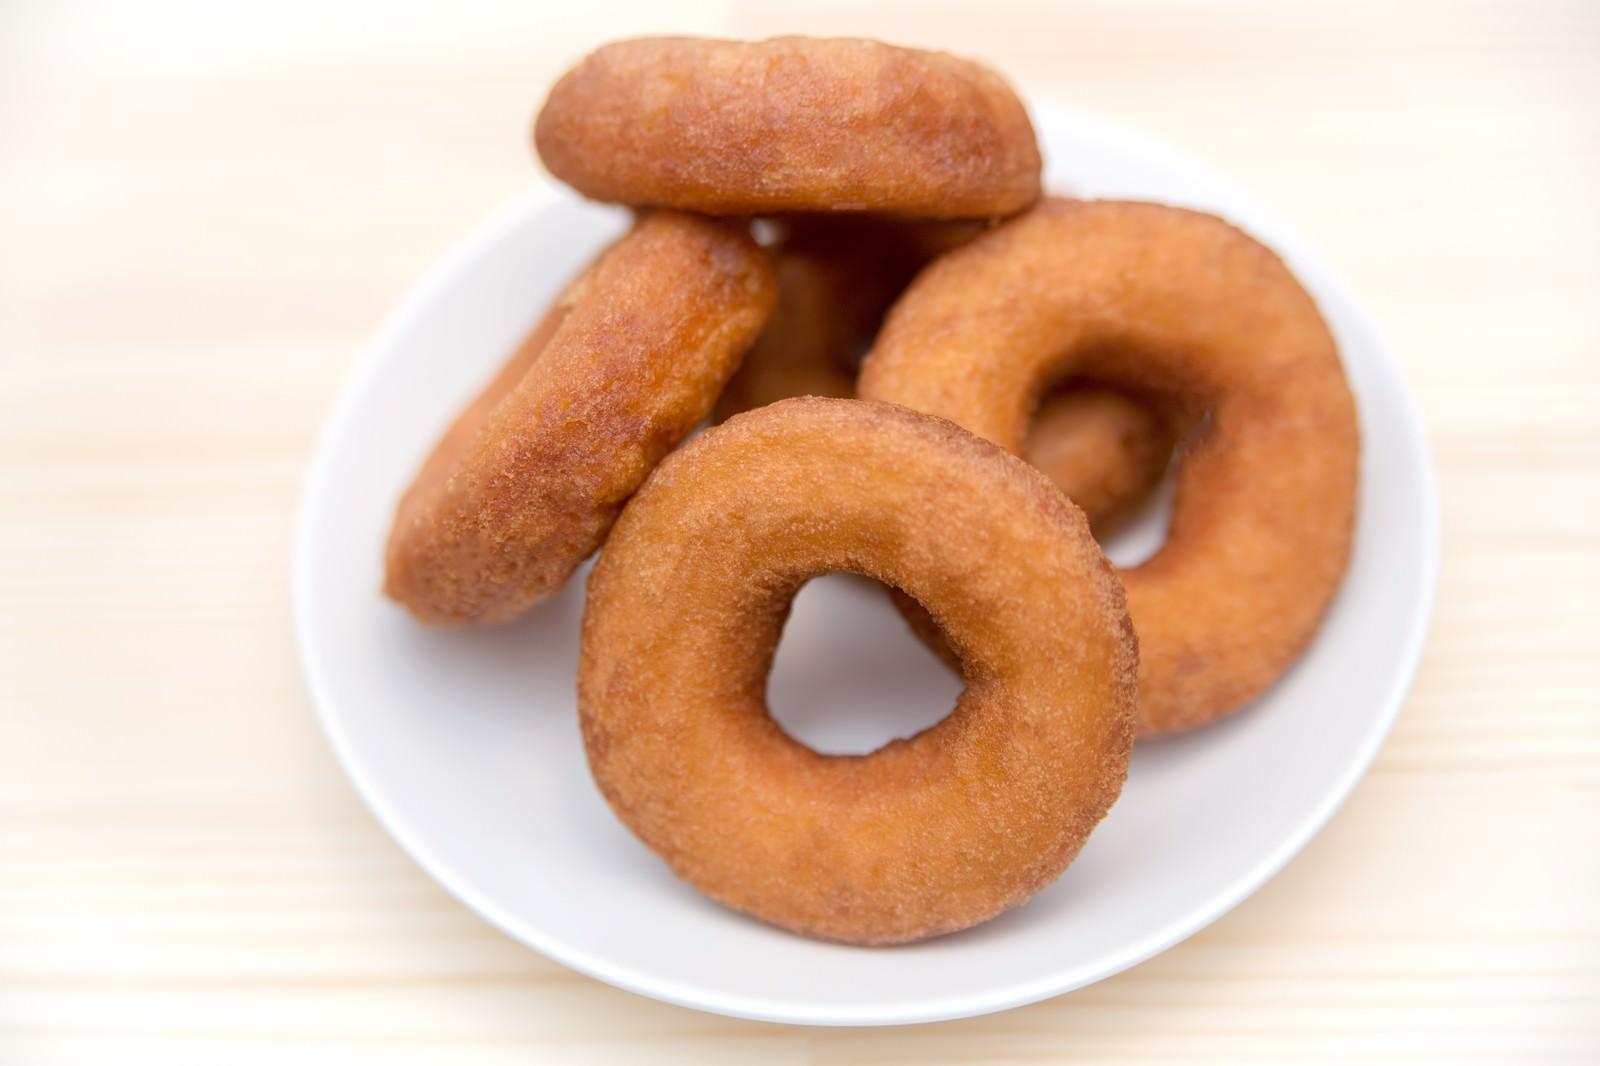 「お皿に乗ったドーナツ」の写真